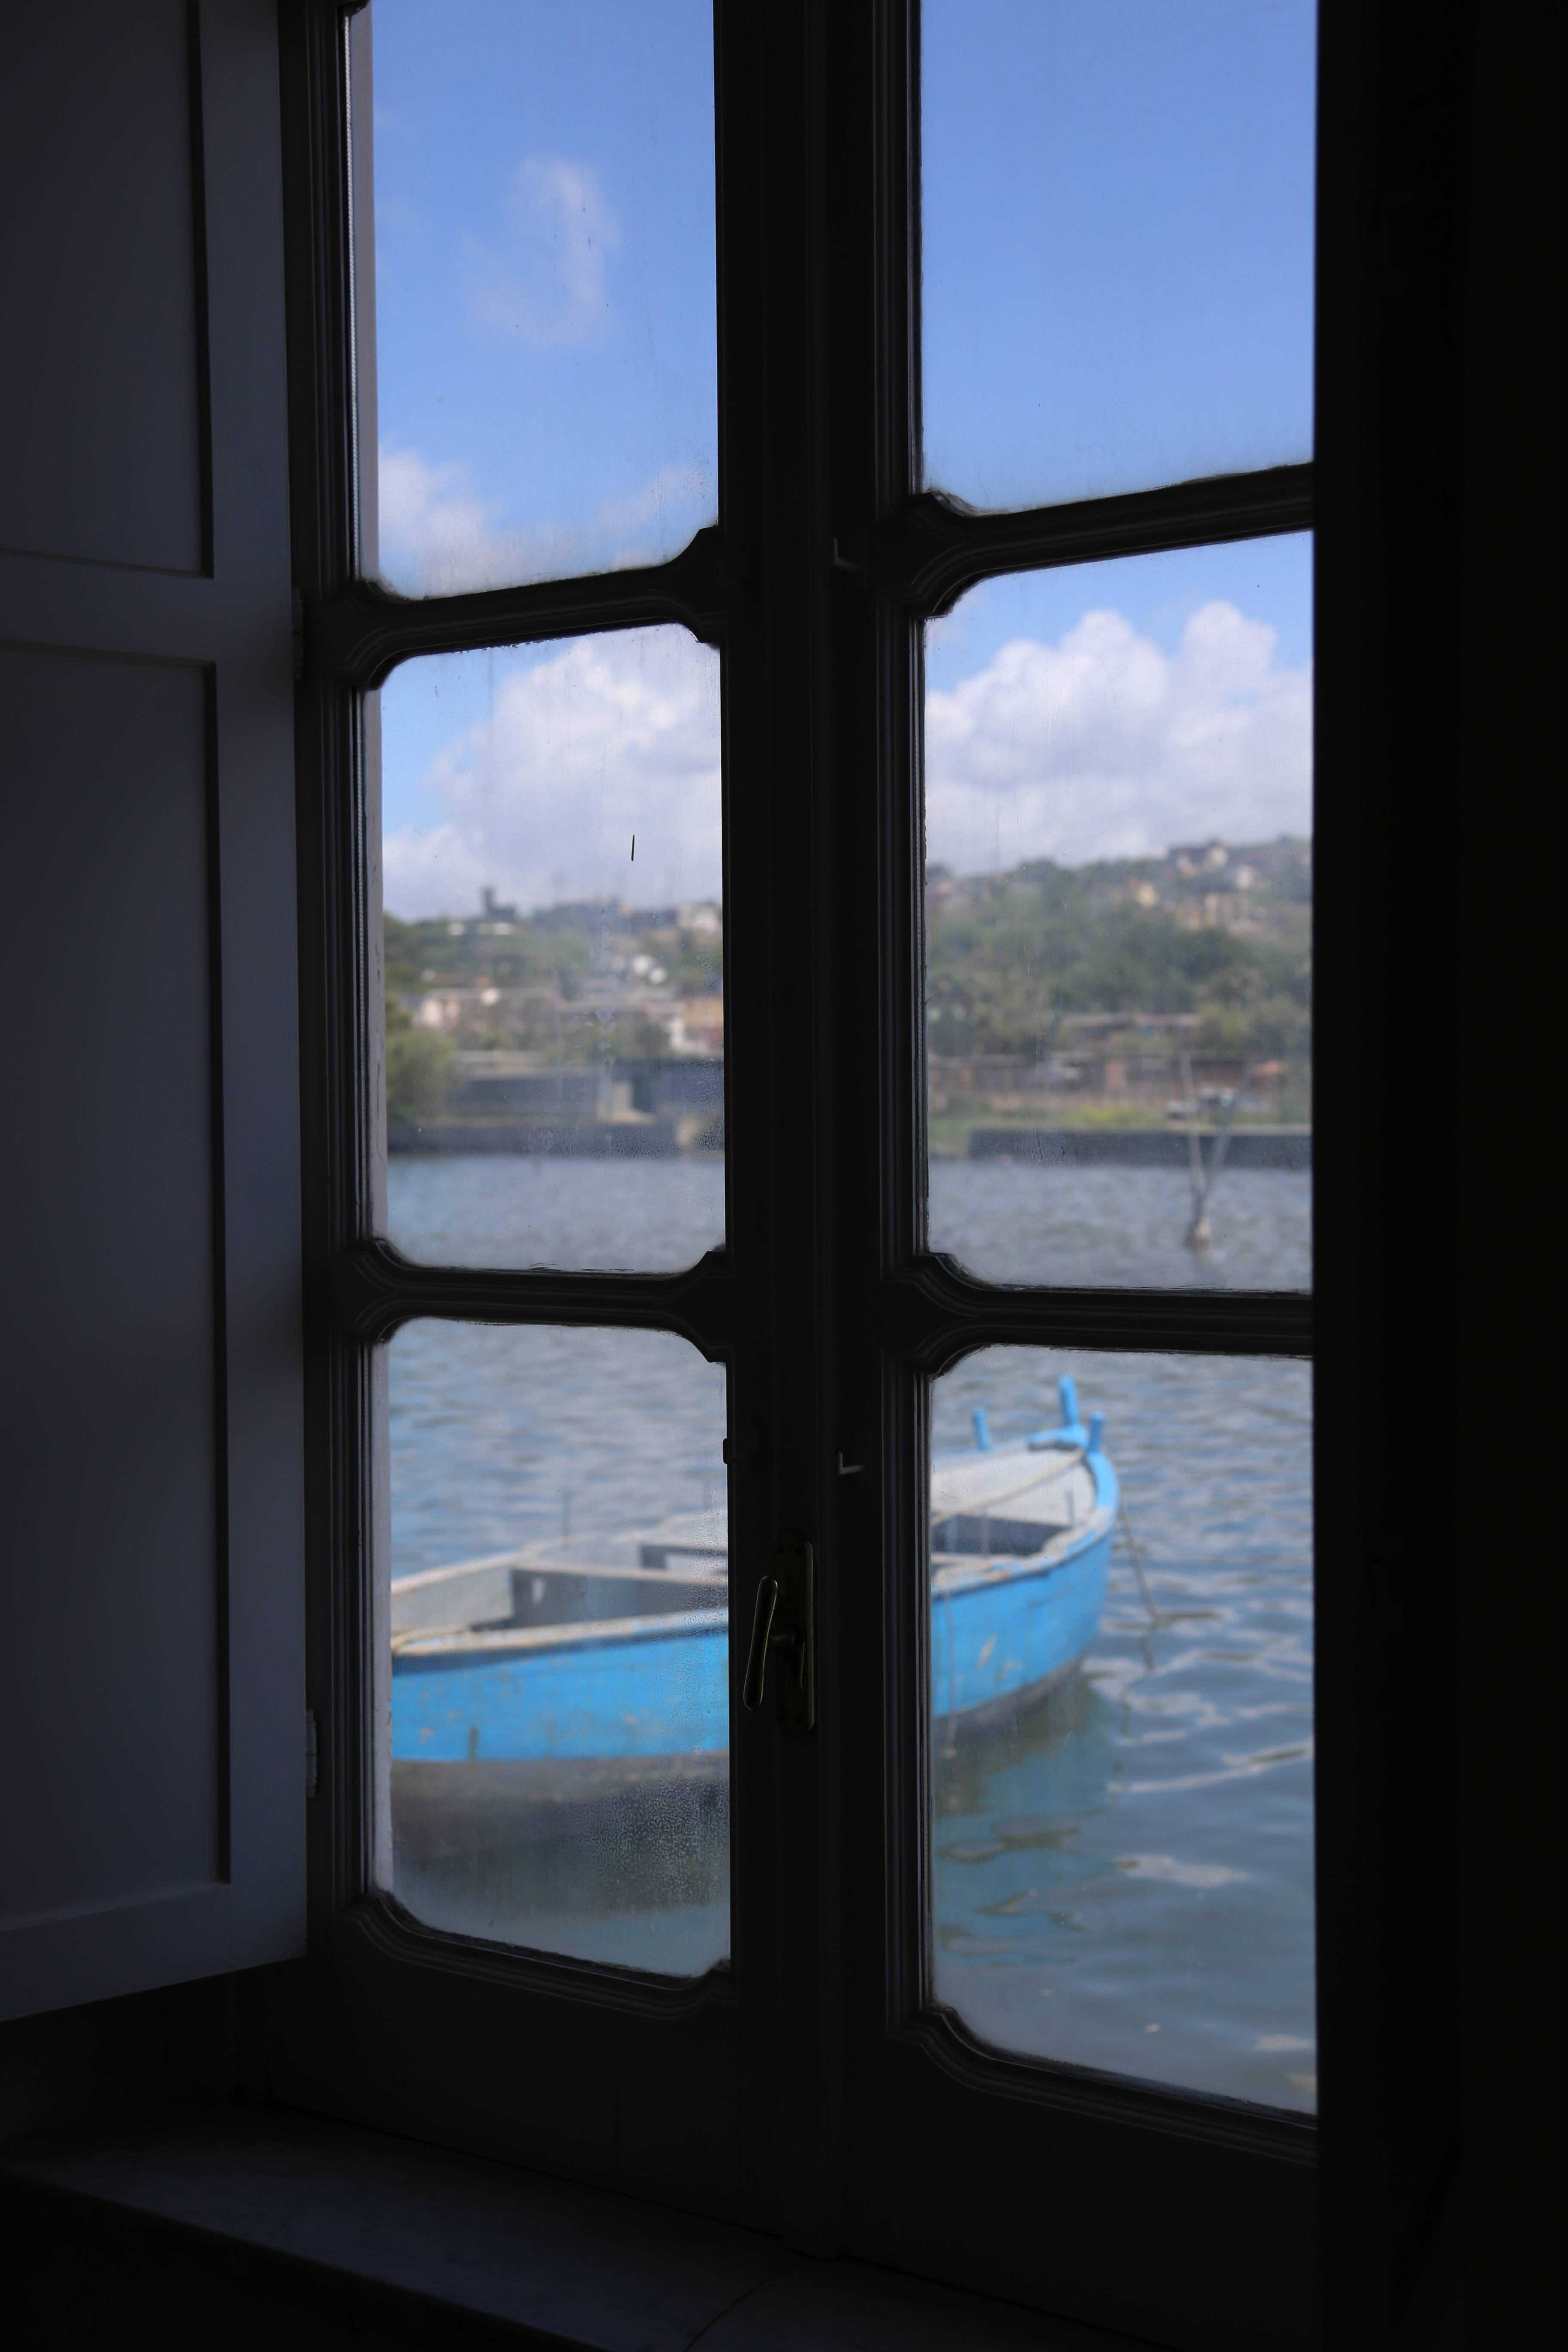 Parco archeologico baia localita archeologia touring club - La finestra sul lago viterbo ...